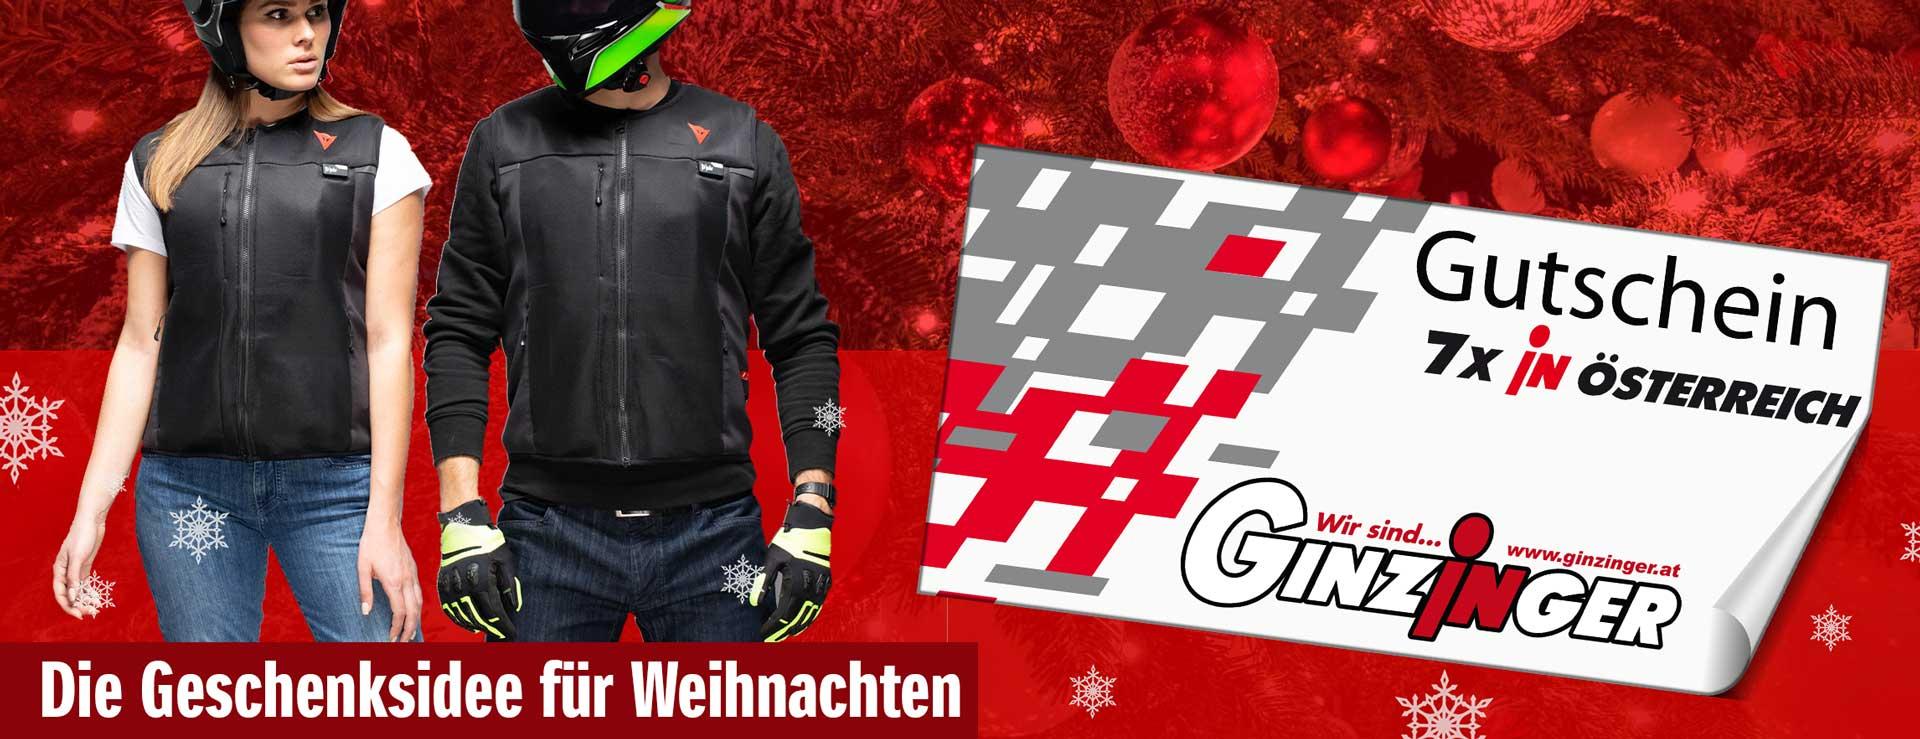 Ginzinger Gutschein - das ideal Geschenk